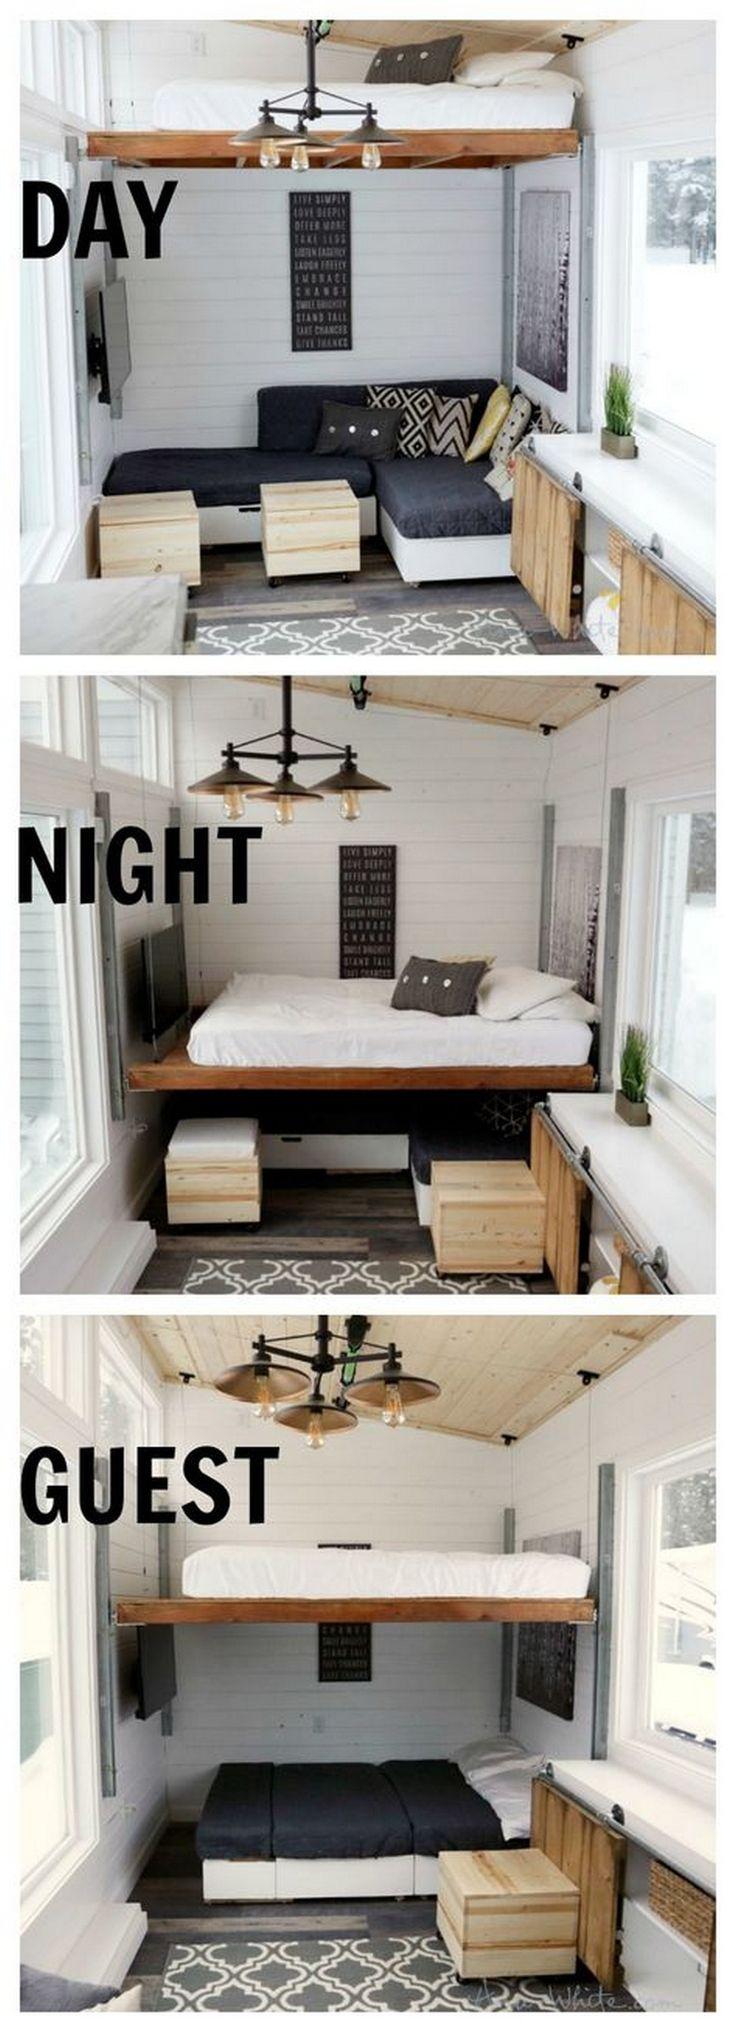 200 besten Schlafzimmer/Wohnzimmer Bilder auf Pinterest | Wohnideen ...